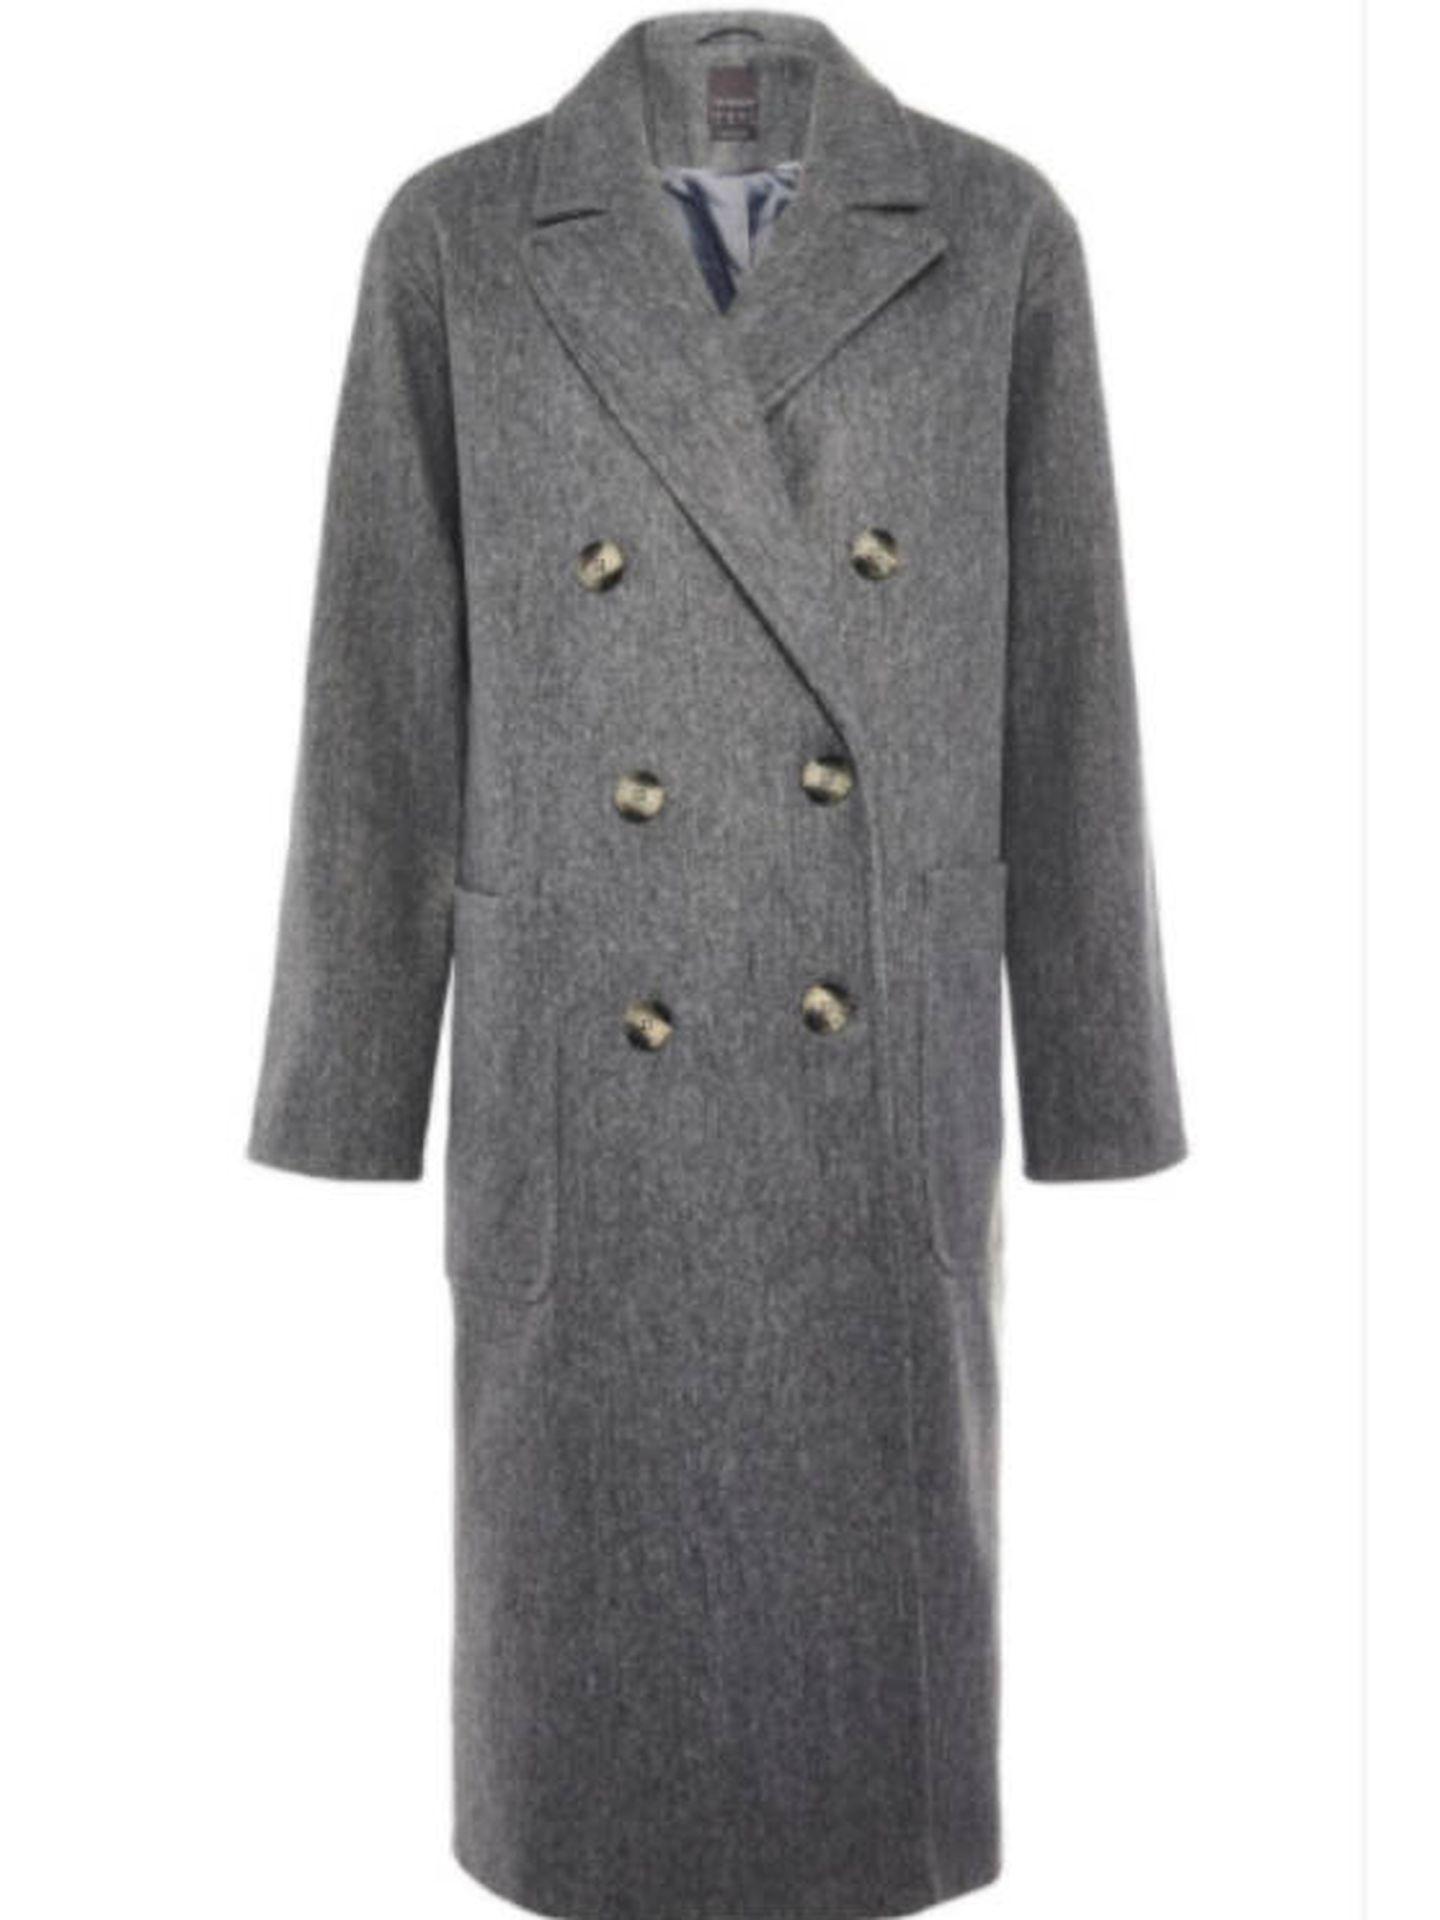 El abrigo de Primark. (Cortesía)